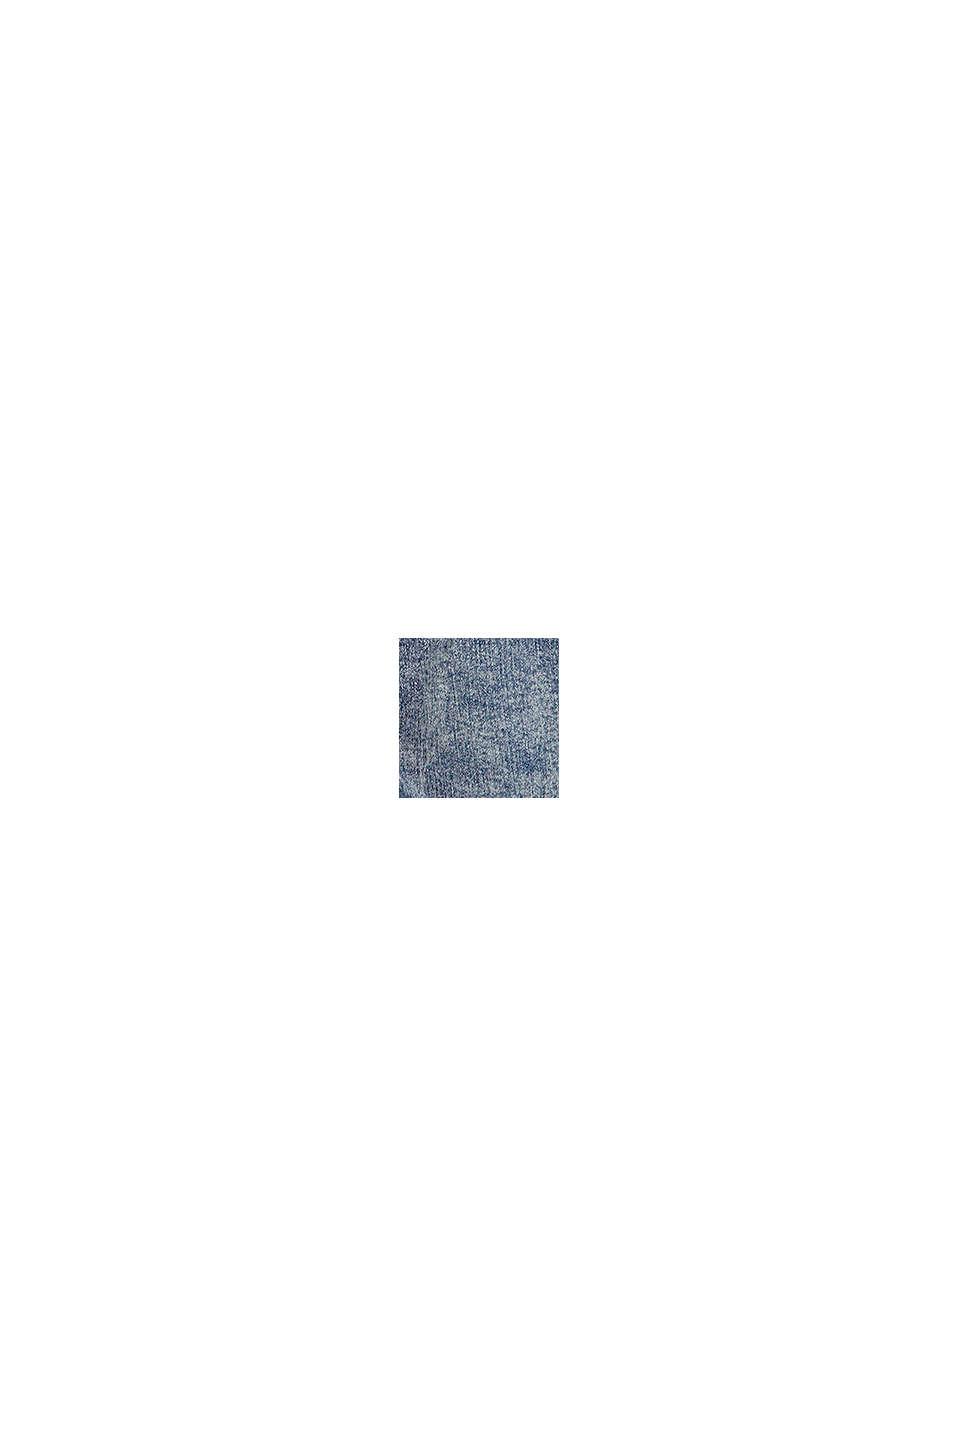 Vaqueros cortos con efecto de lavado moderno, BLUE MEDIUM WASHED, swatch